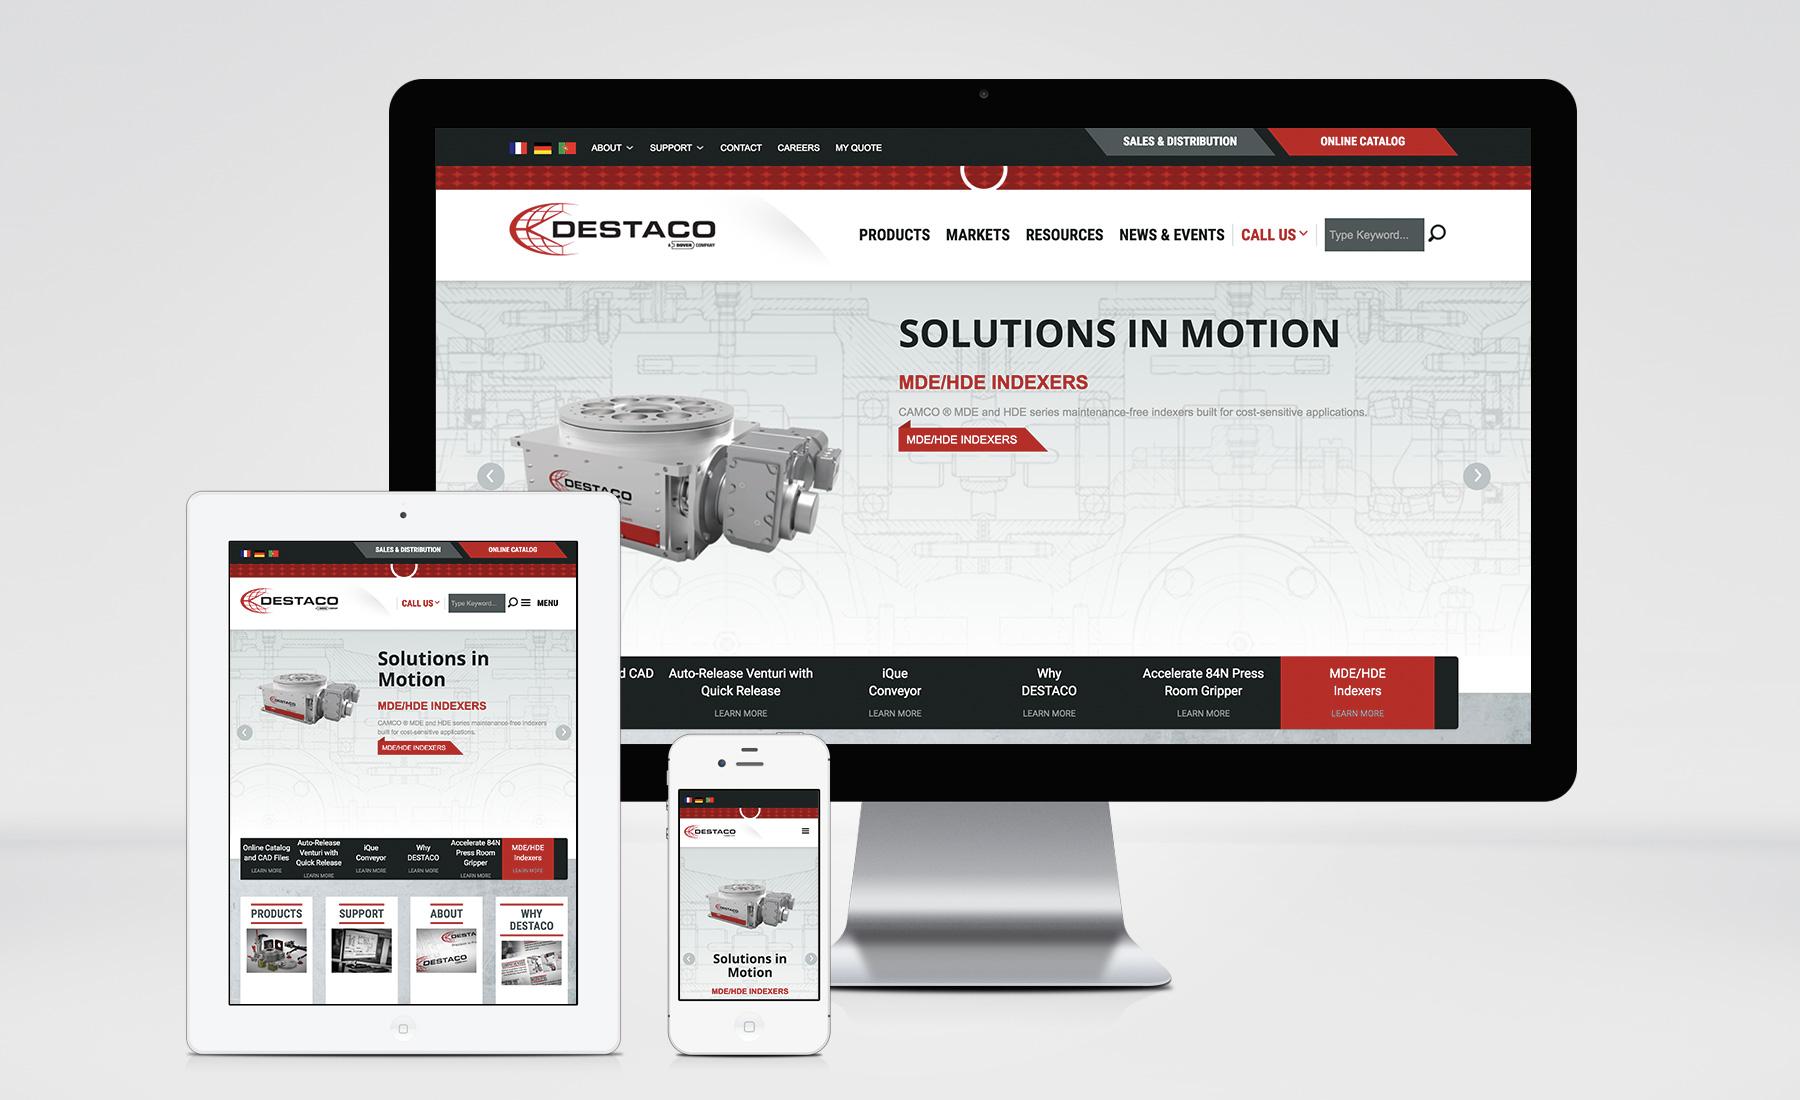 DESTACO Website image